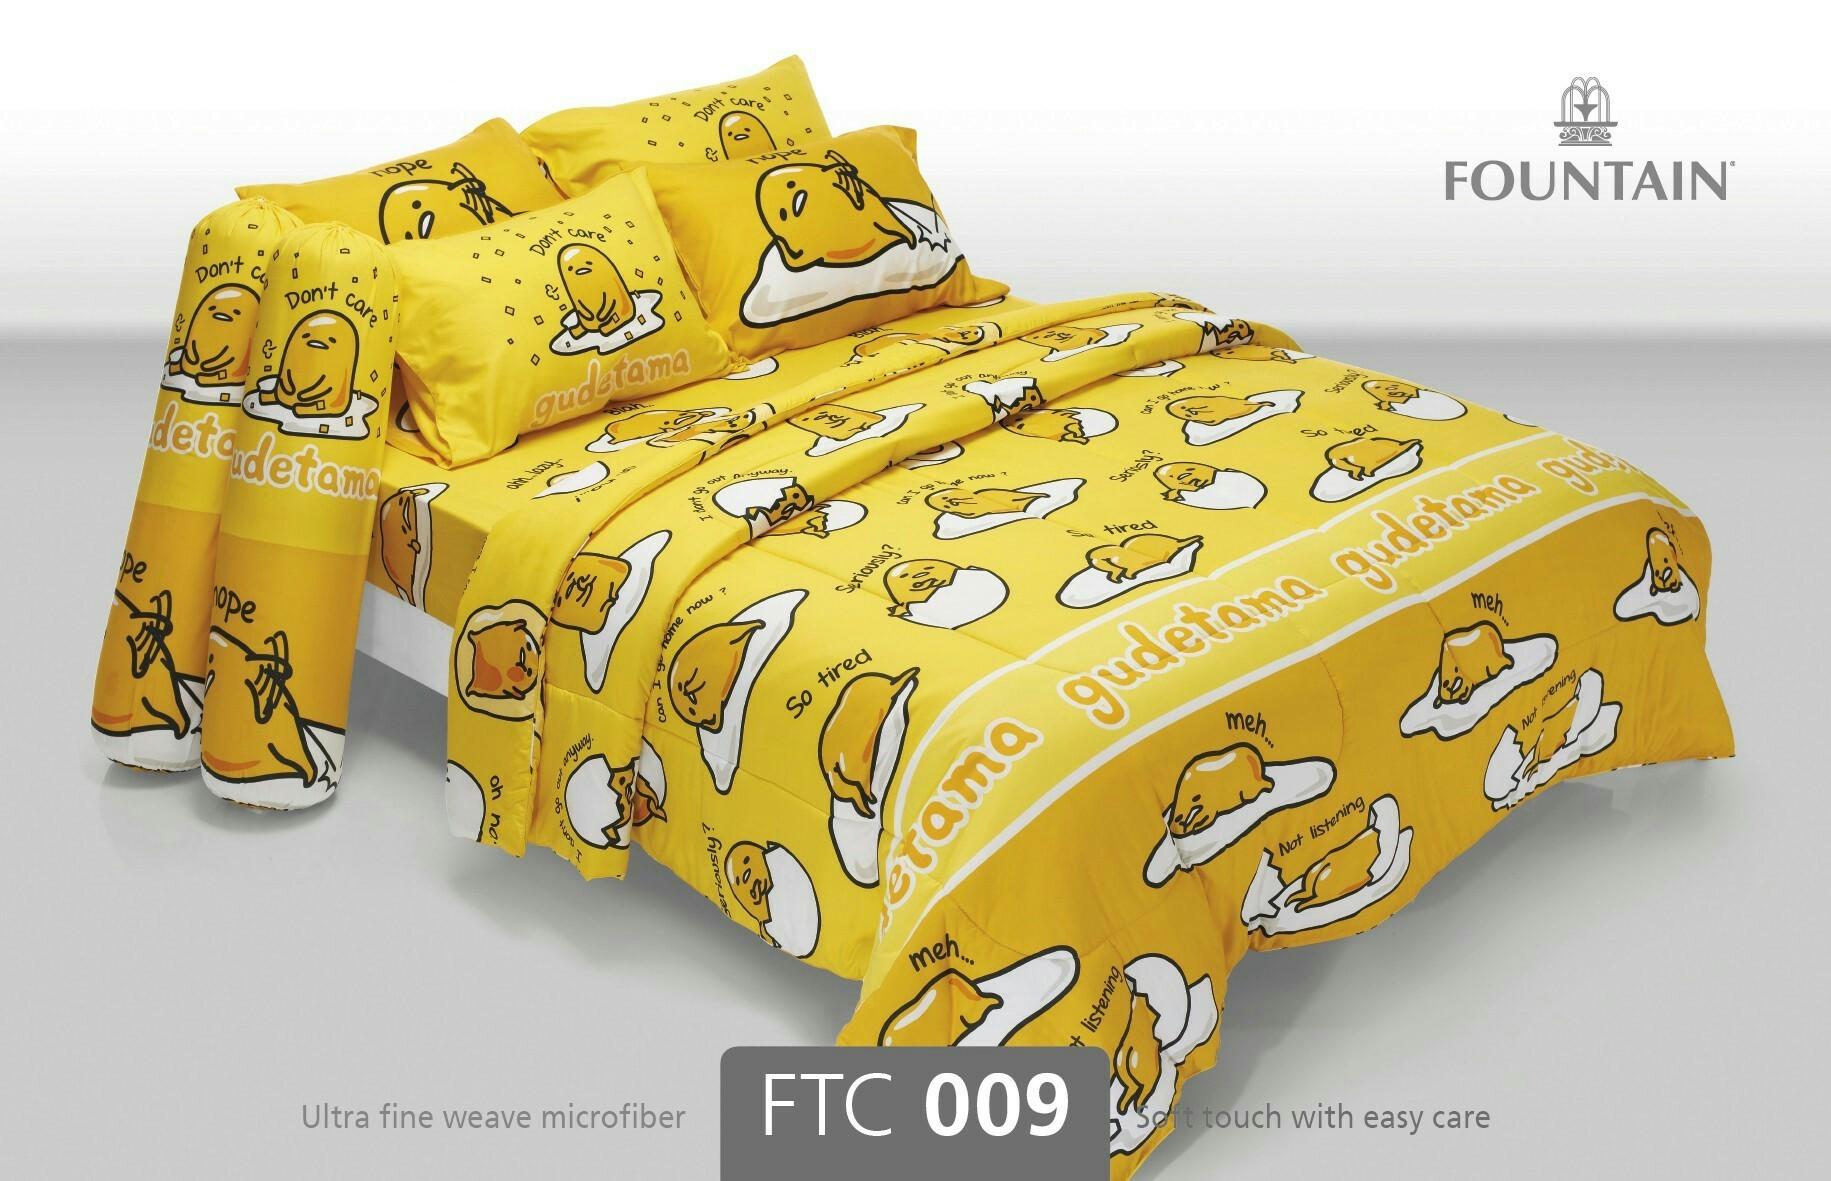 ชุดเครื่องนอน ผ้าปูที่นอนลายการ์ตูน ไก่ไข่ขี้เกียจ FTC009